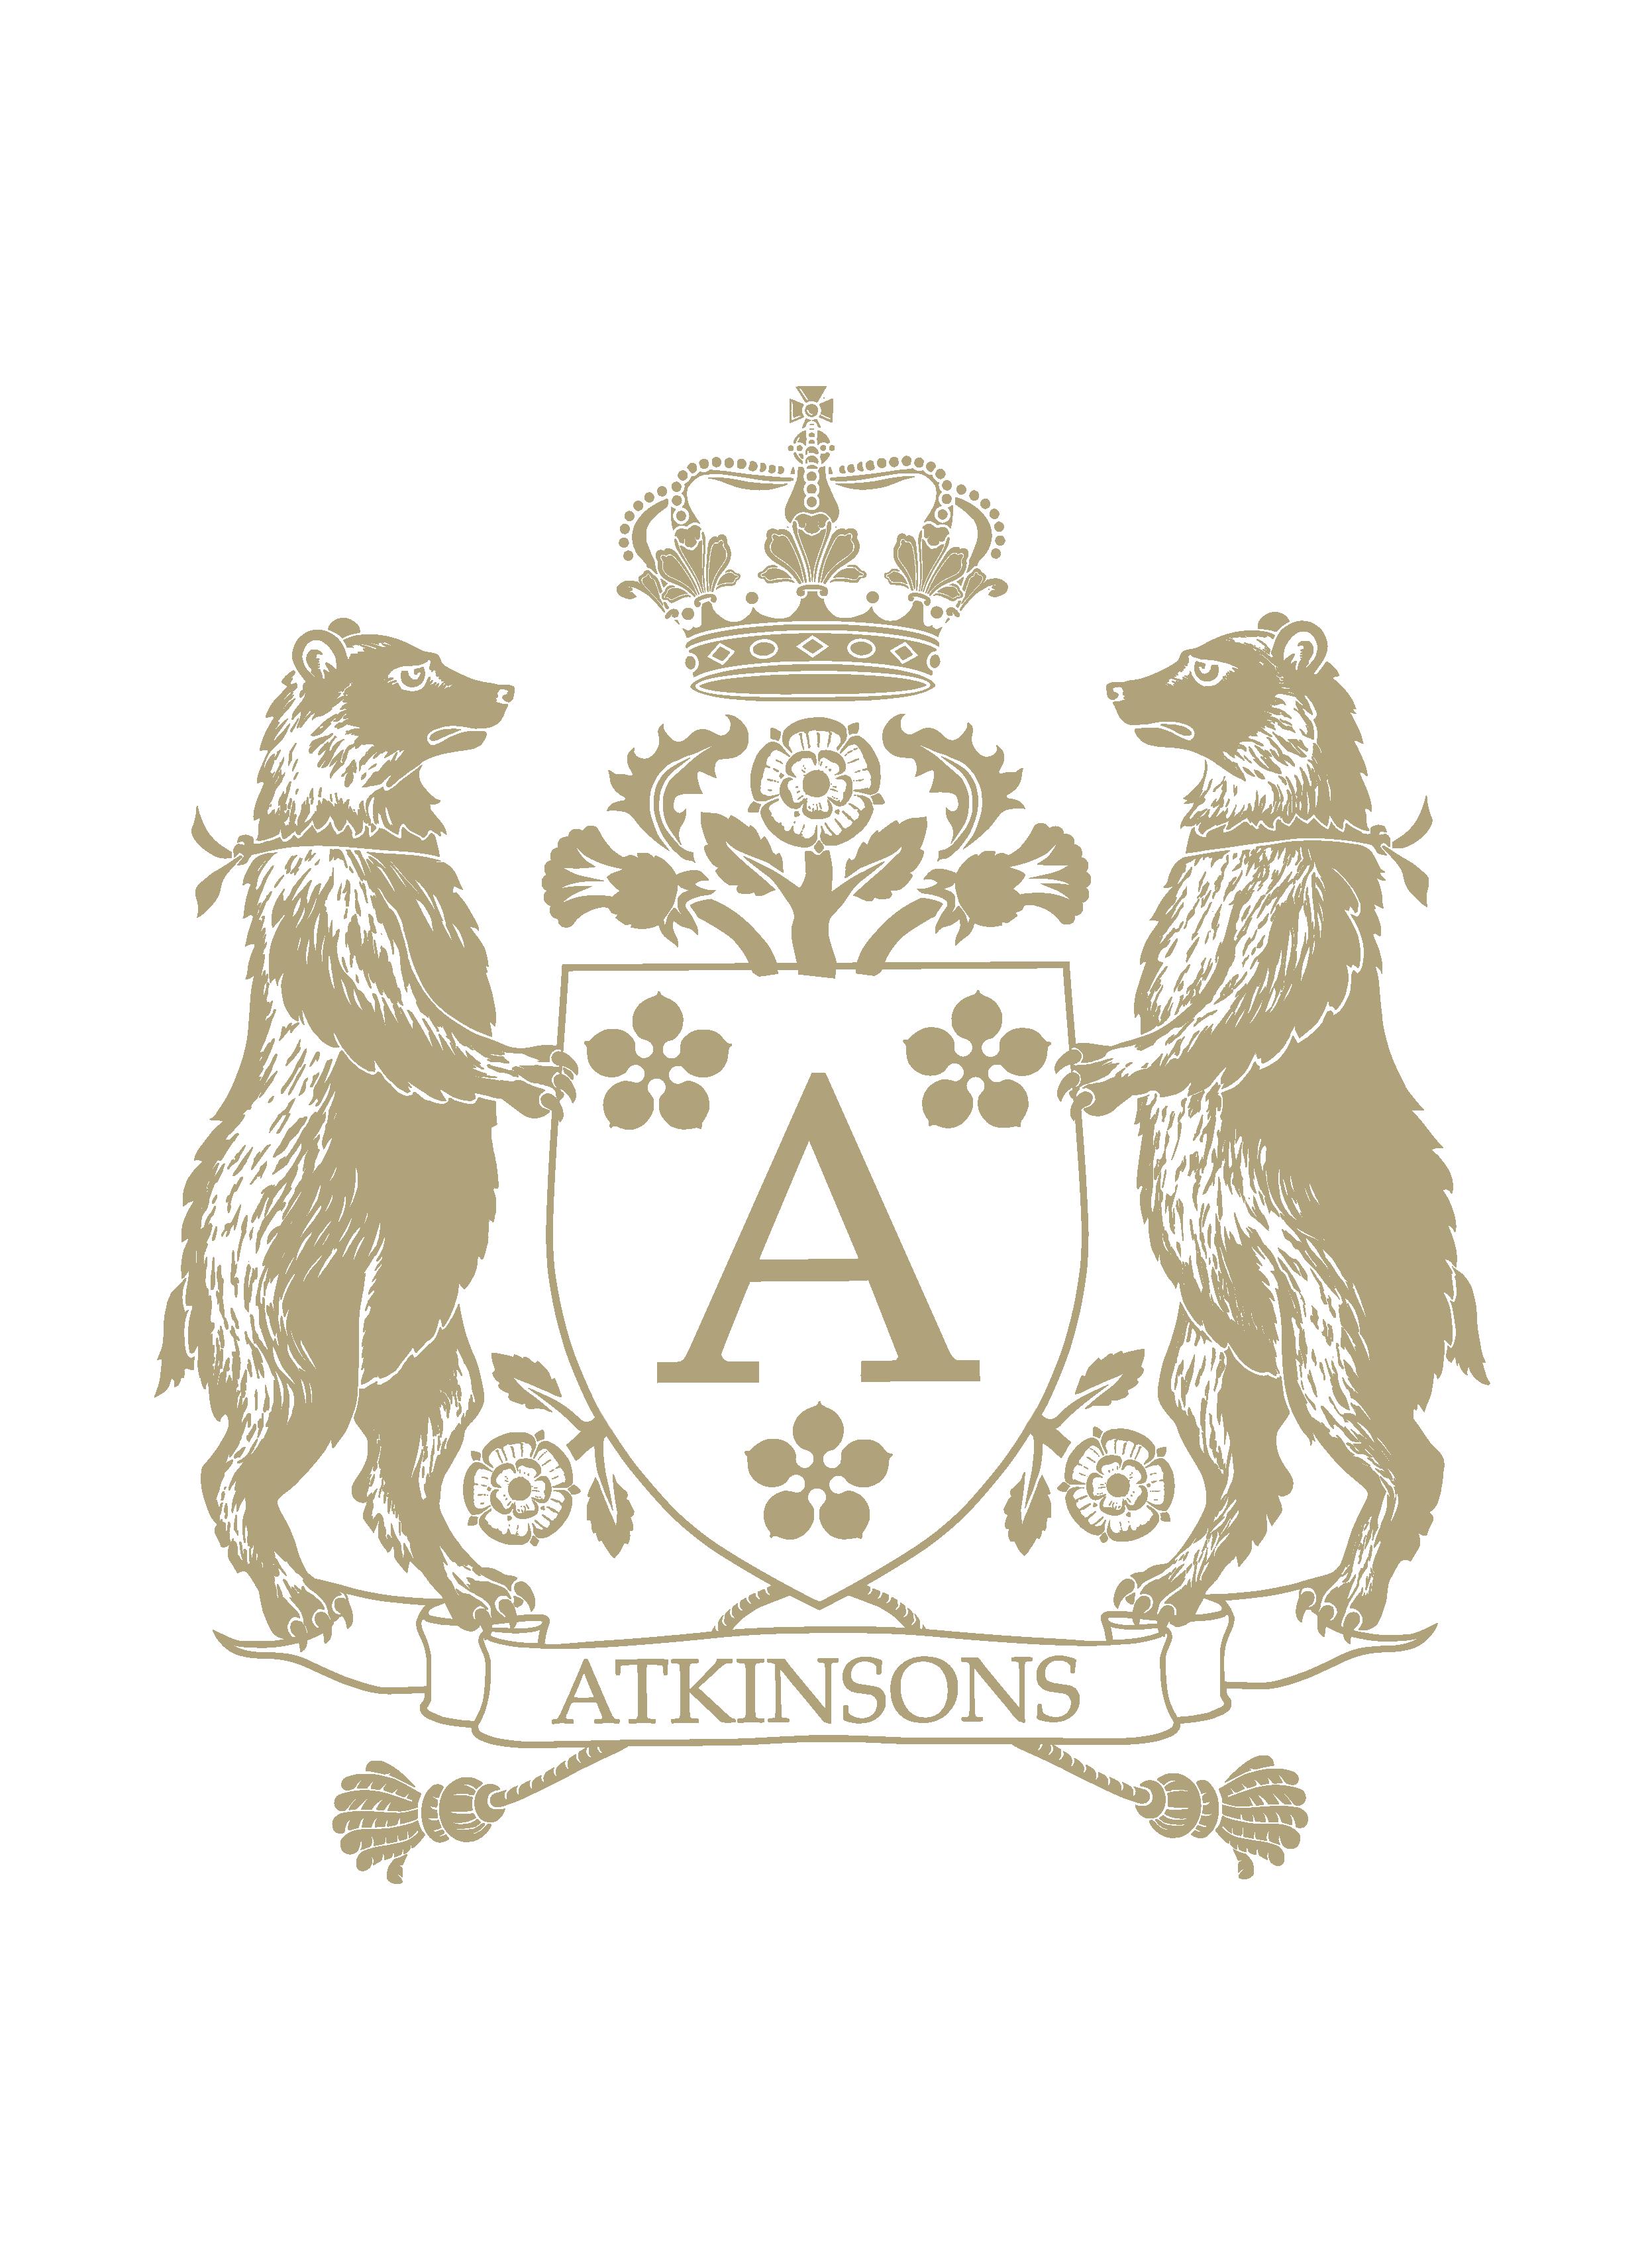 Logo Armoiries ATKINSONS infographie Création originale pour la marque de parfums ATKINSONS (c)HERALDIKER